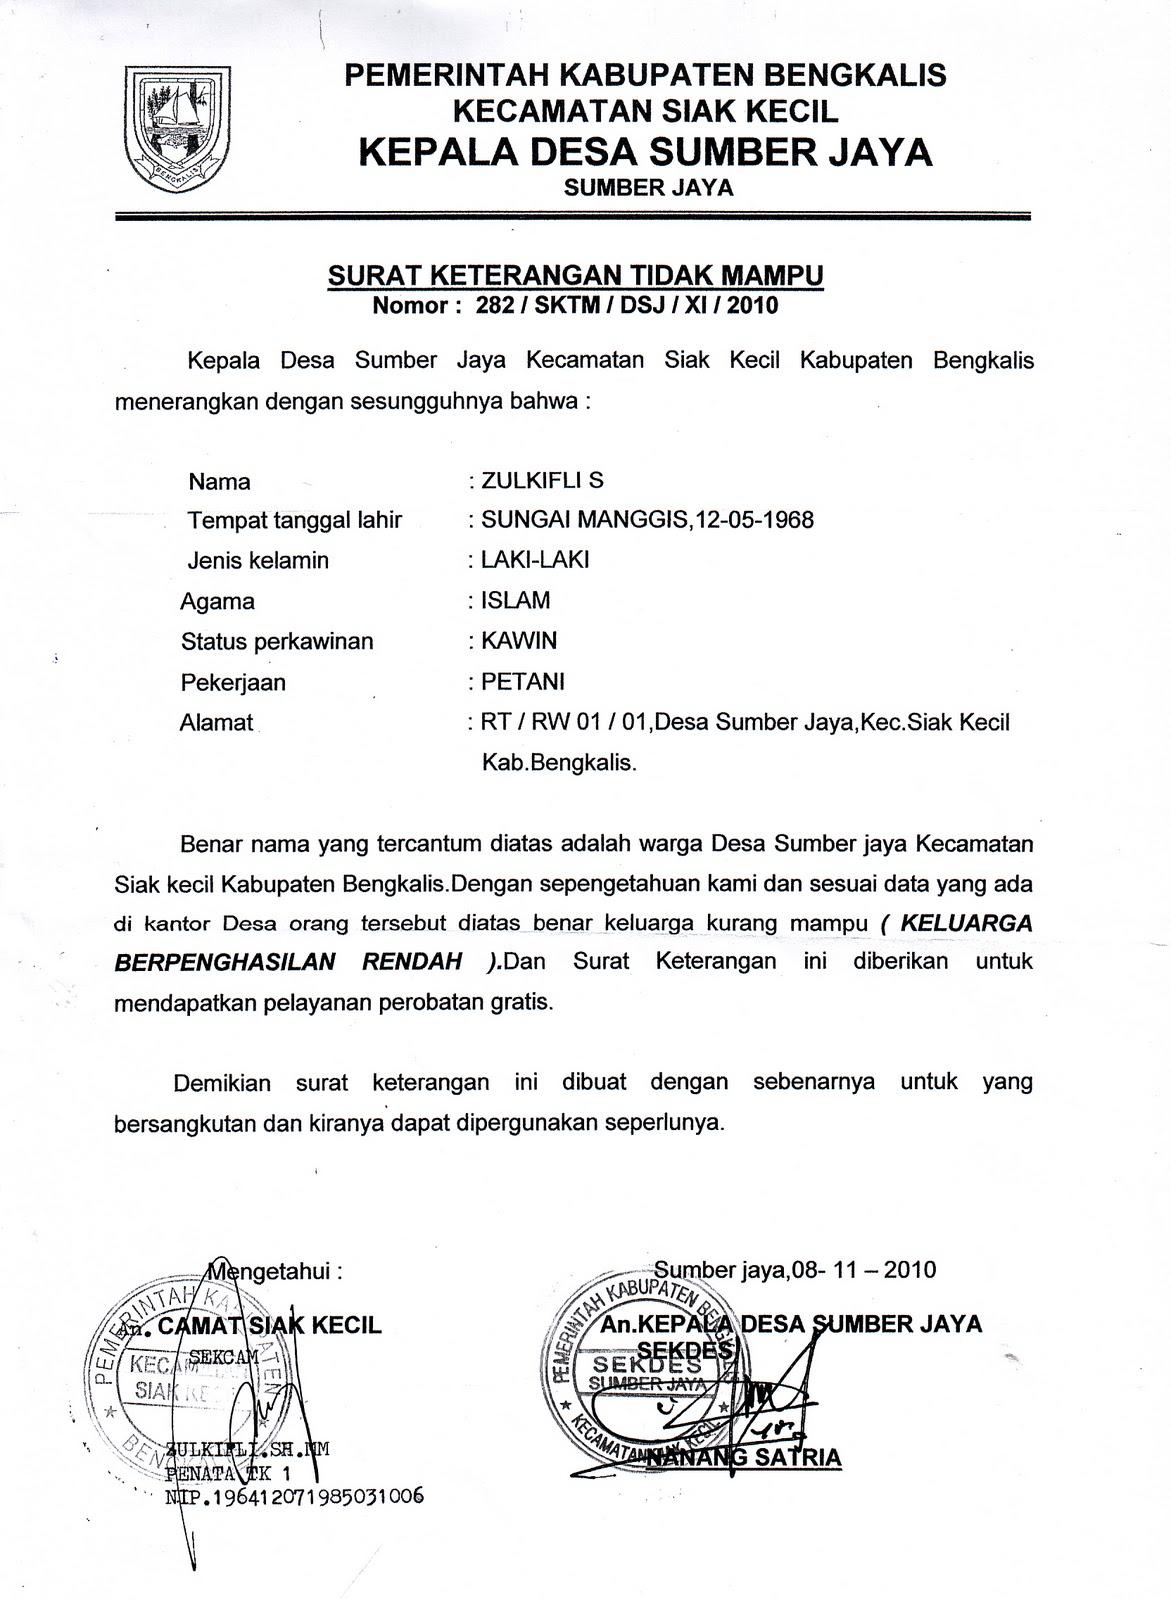 Contoh Surat Pernyataan Ahli Waris Dari Kelurahan Simak